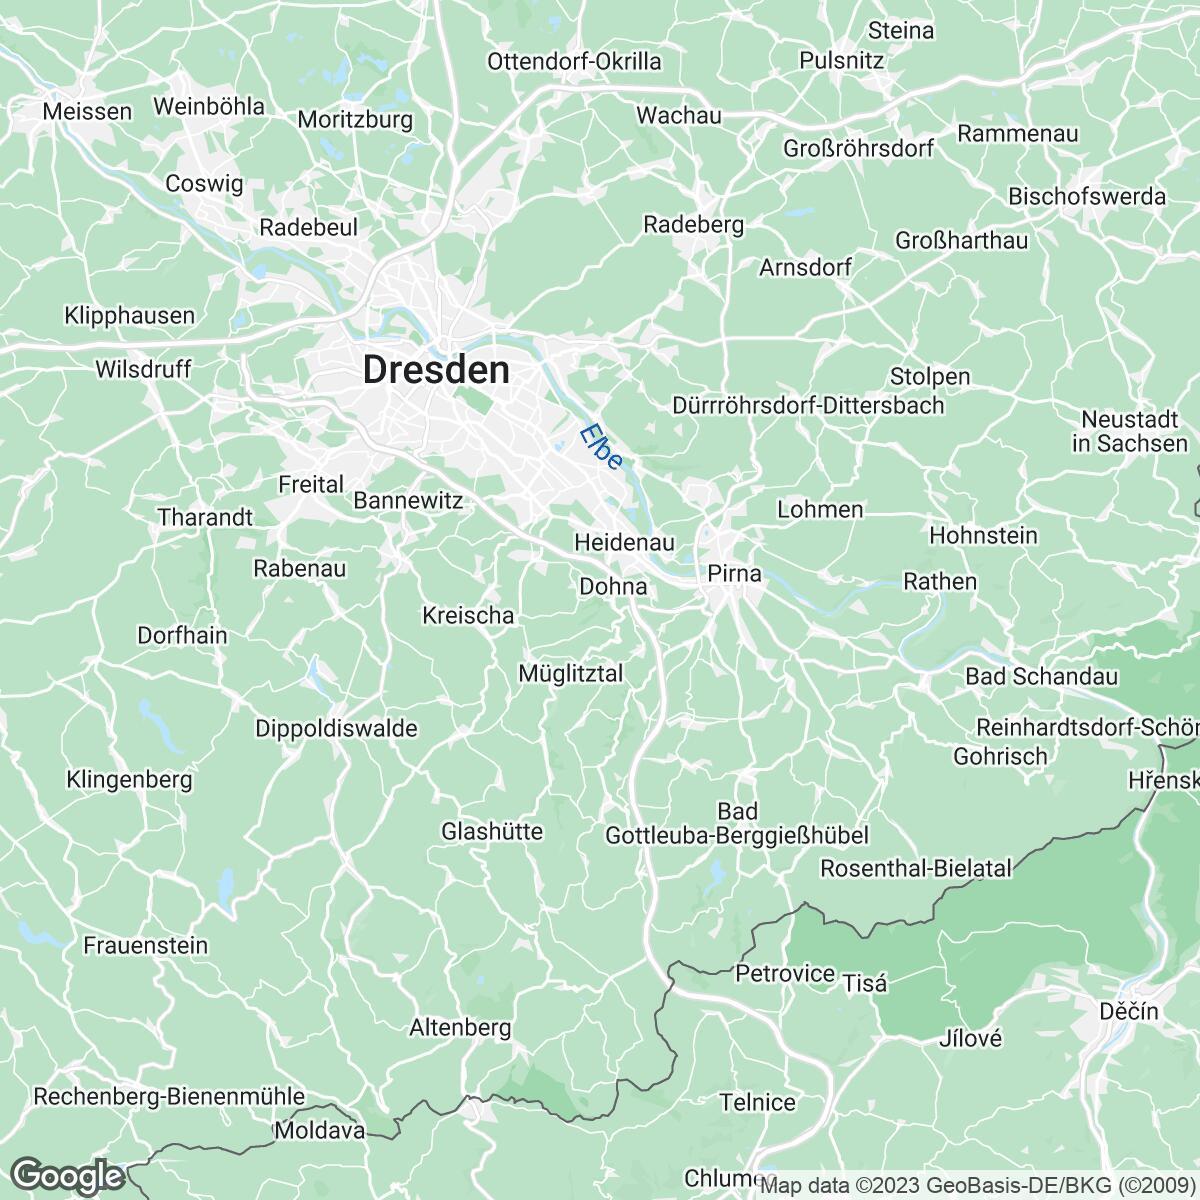 Verkaufsgebiet der Zeitungen Sächsische Zeitung